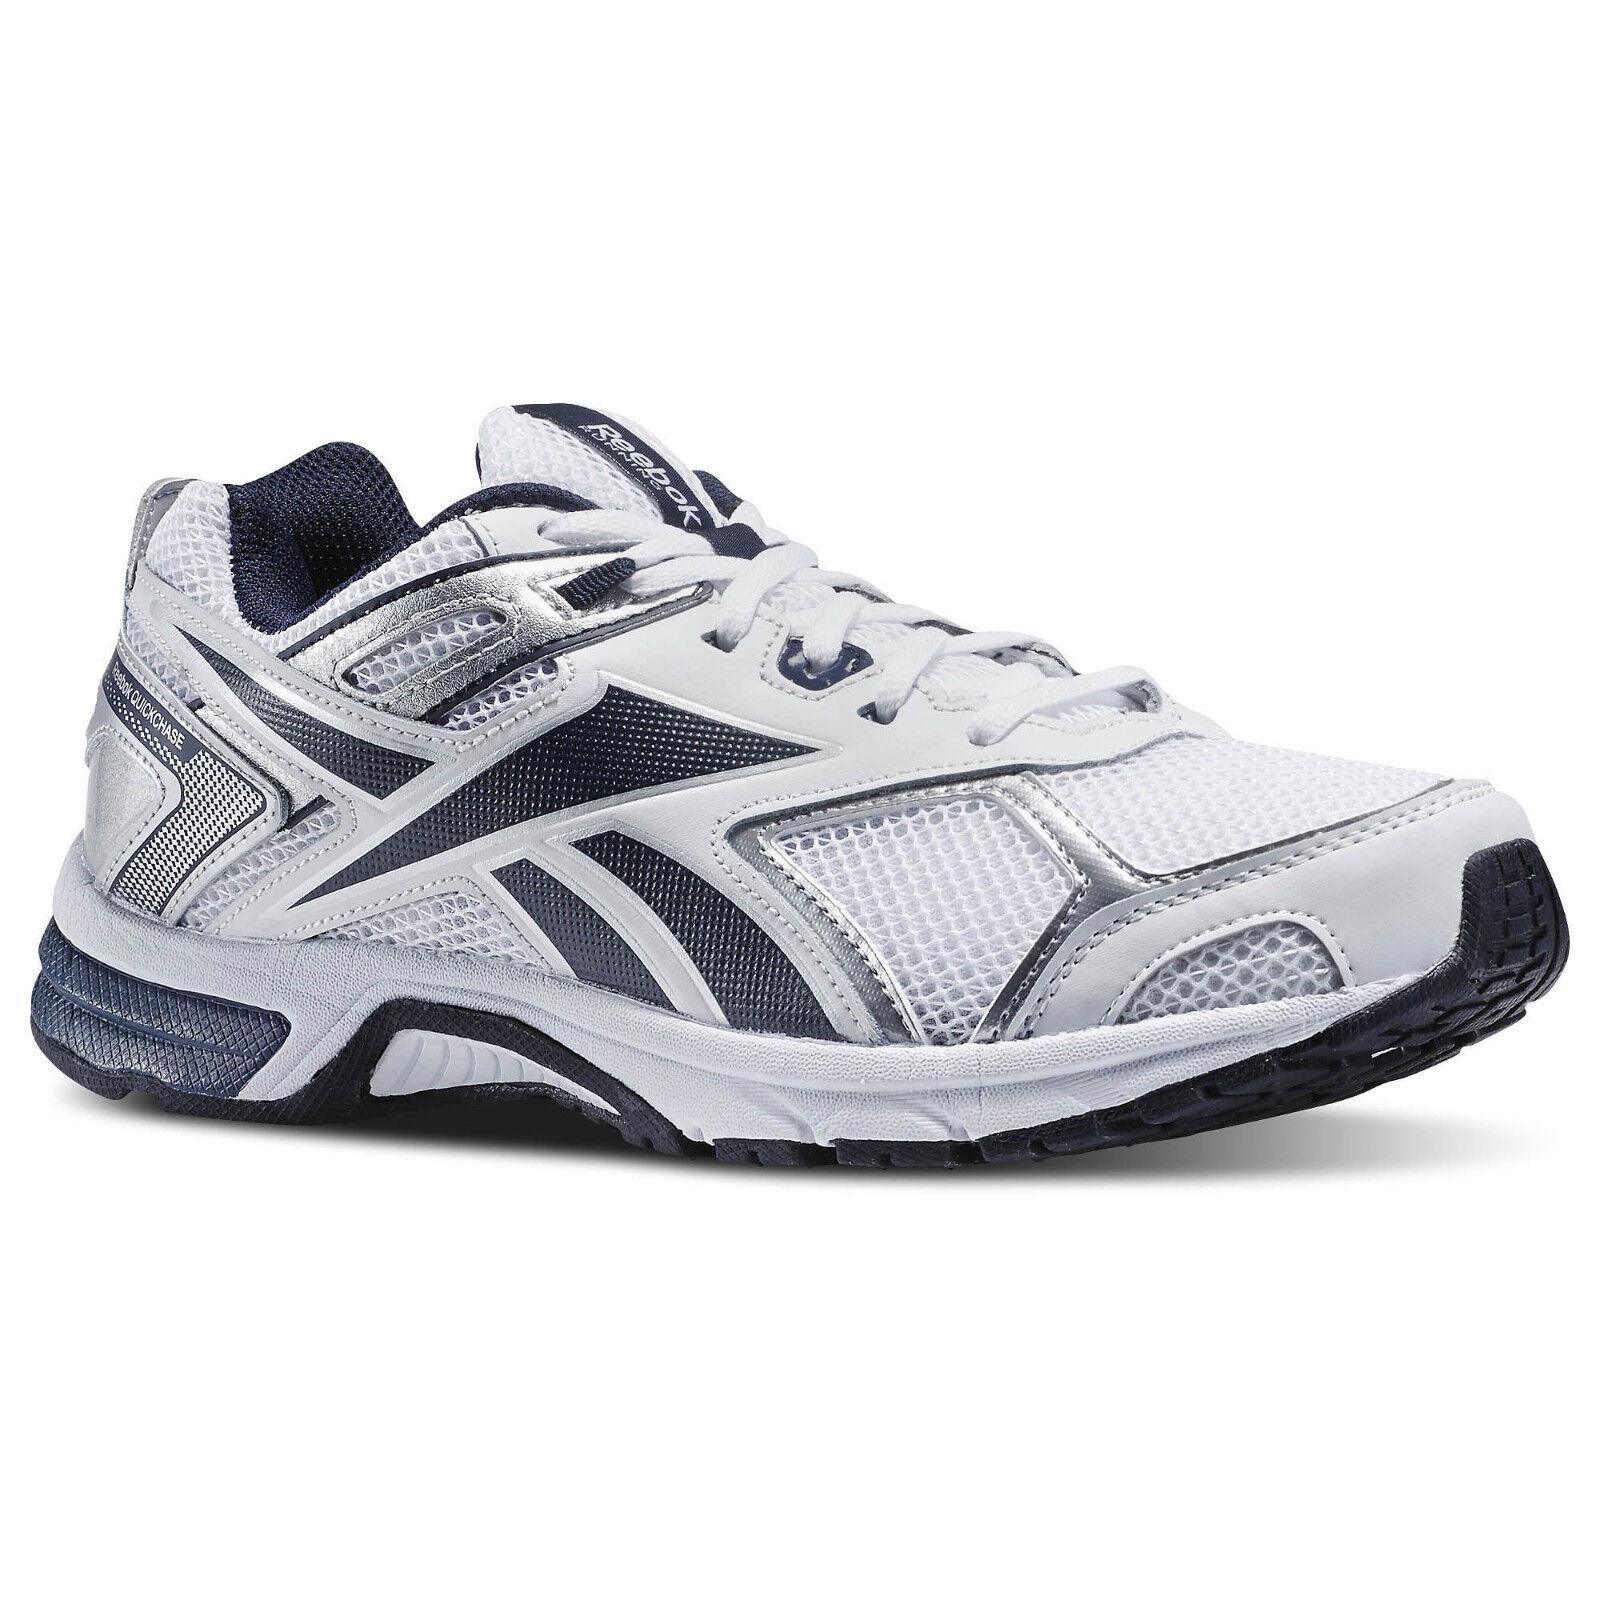 0451af72 Reebok - беговые кроссовки для любителя